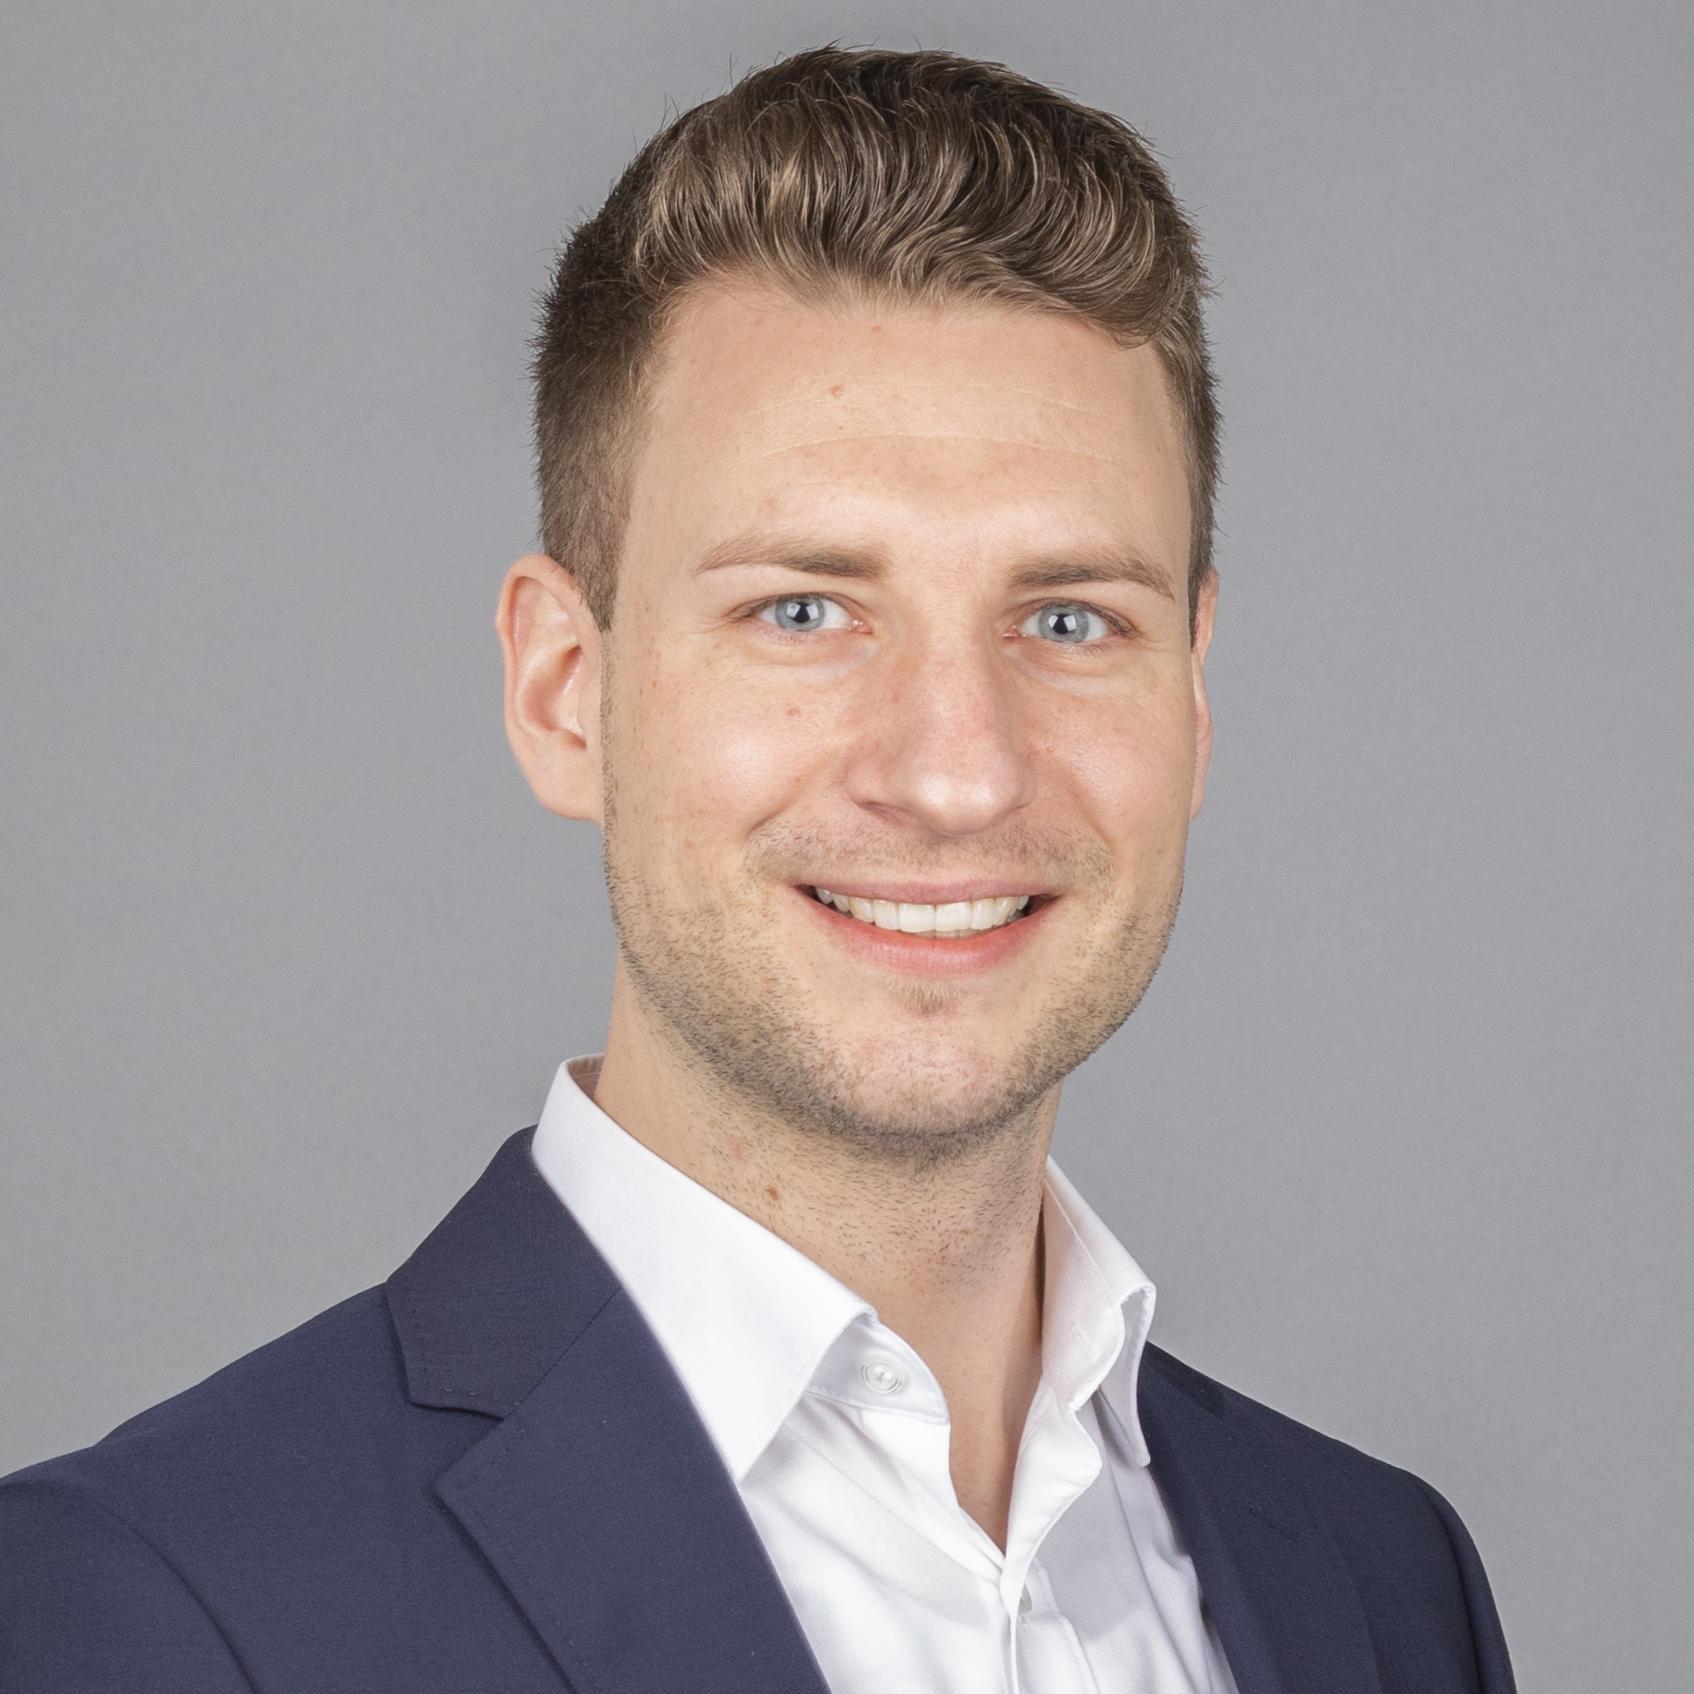 Florian Schwerdtner